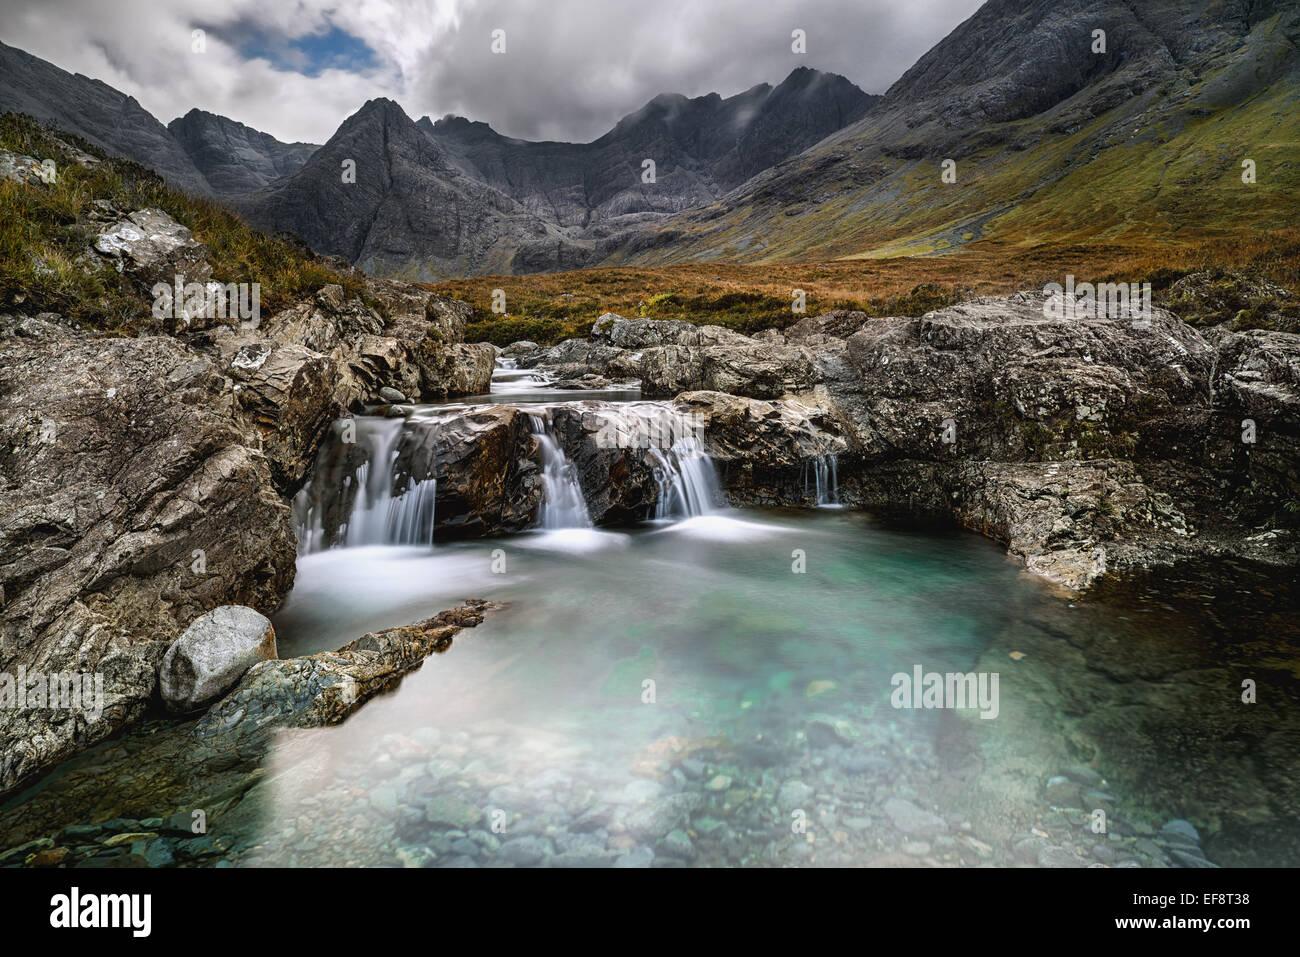 UK, Scotland, Highlands region, Isle of Skye, Fairy Pools - Stock Image